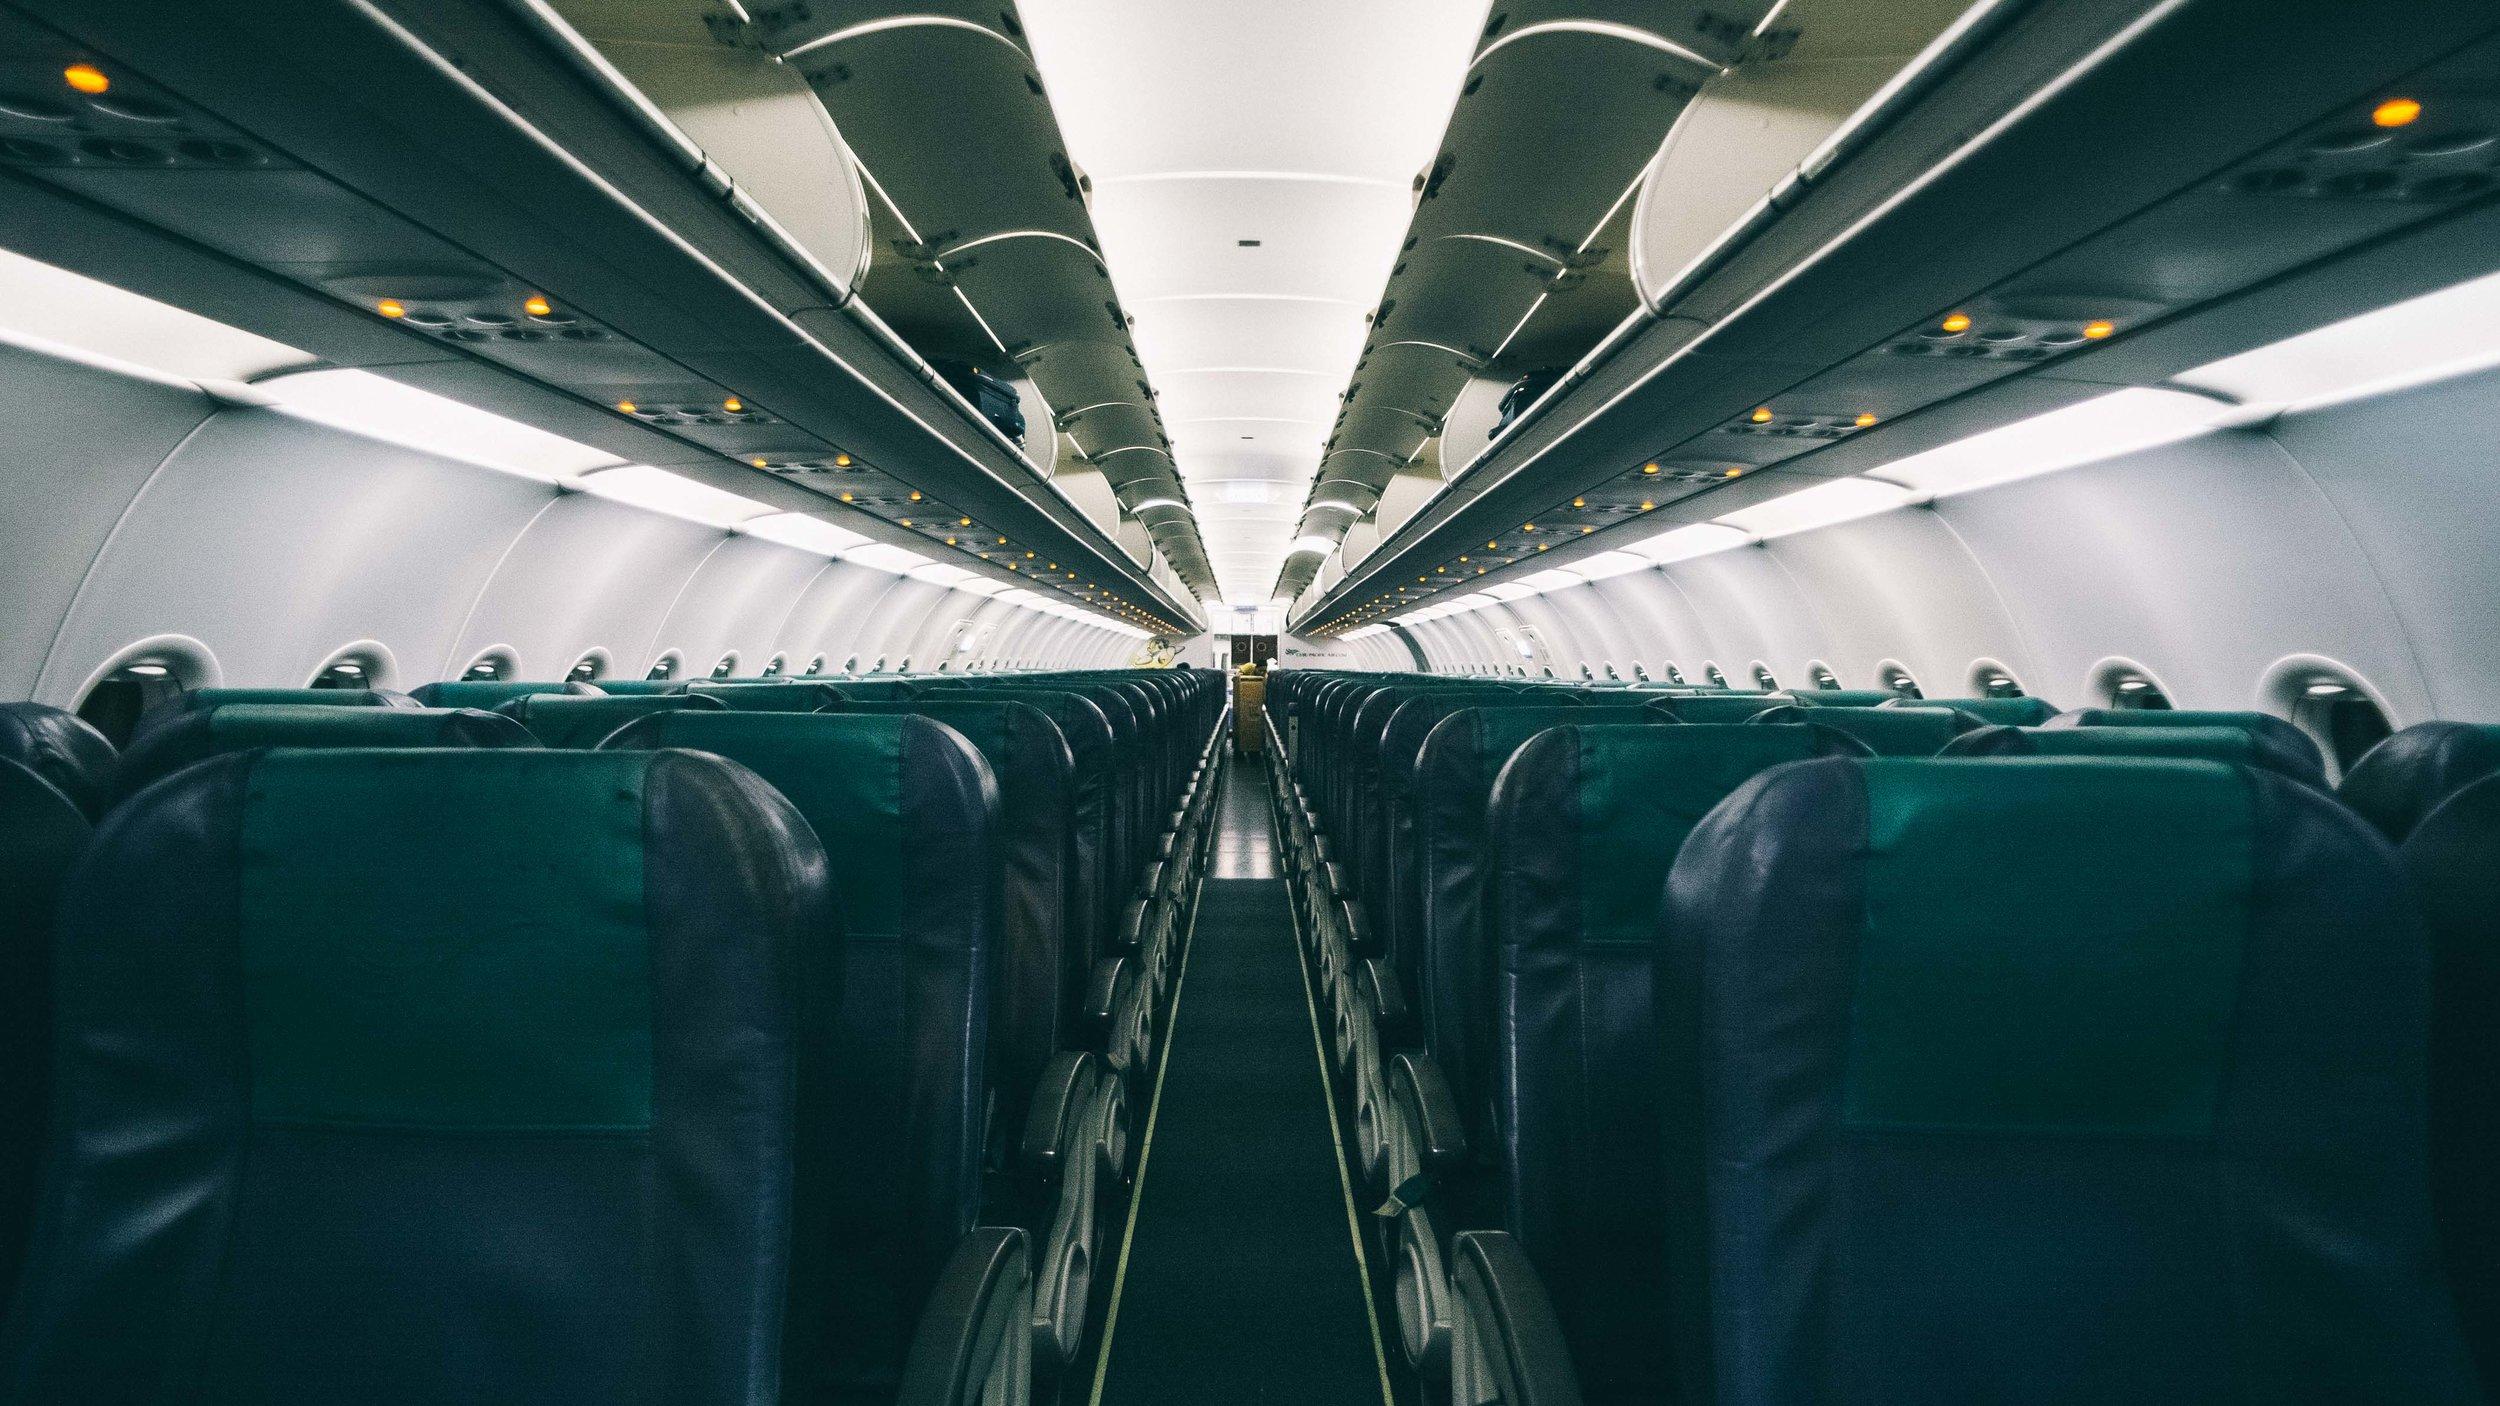 Bumping - ¿Qué derechos tienes cuando una aerolínea te baja de un vuelo porque está sobrevendido? A menos que la aerolínea pueda llevarte a tu destino en 1 hora o menos de lo que originalmente estaba pautado, tendrá que compensarte.